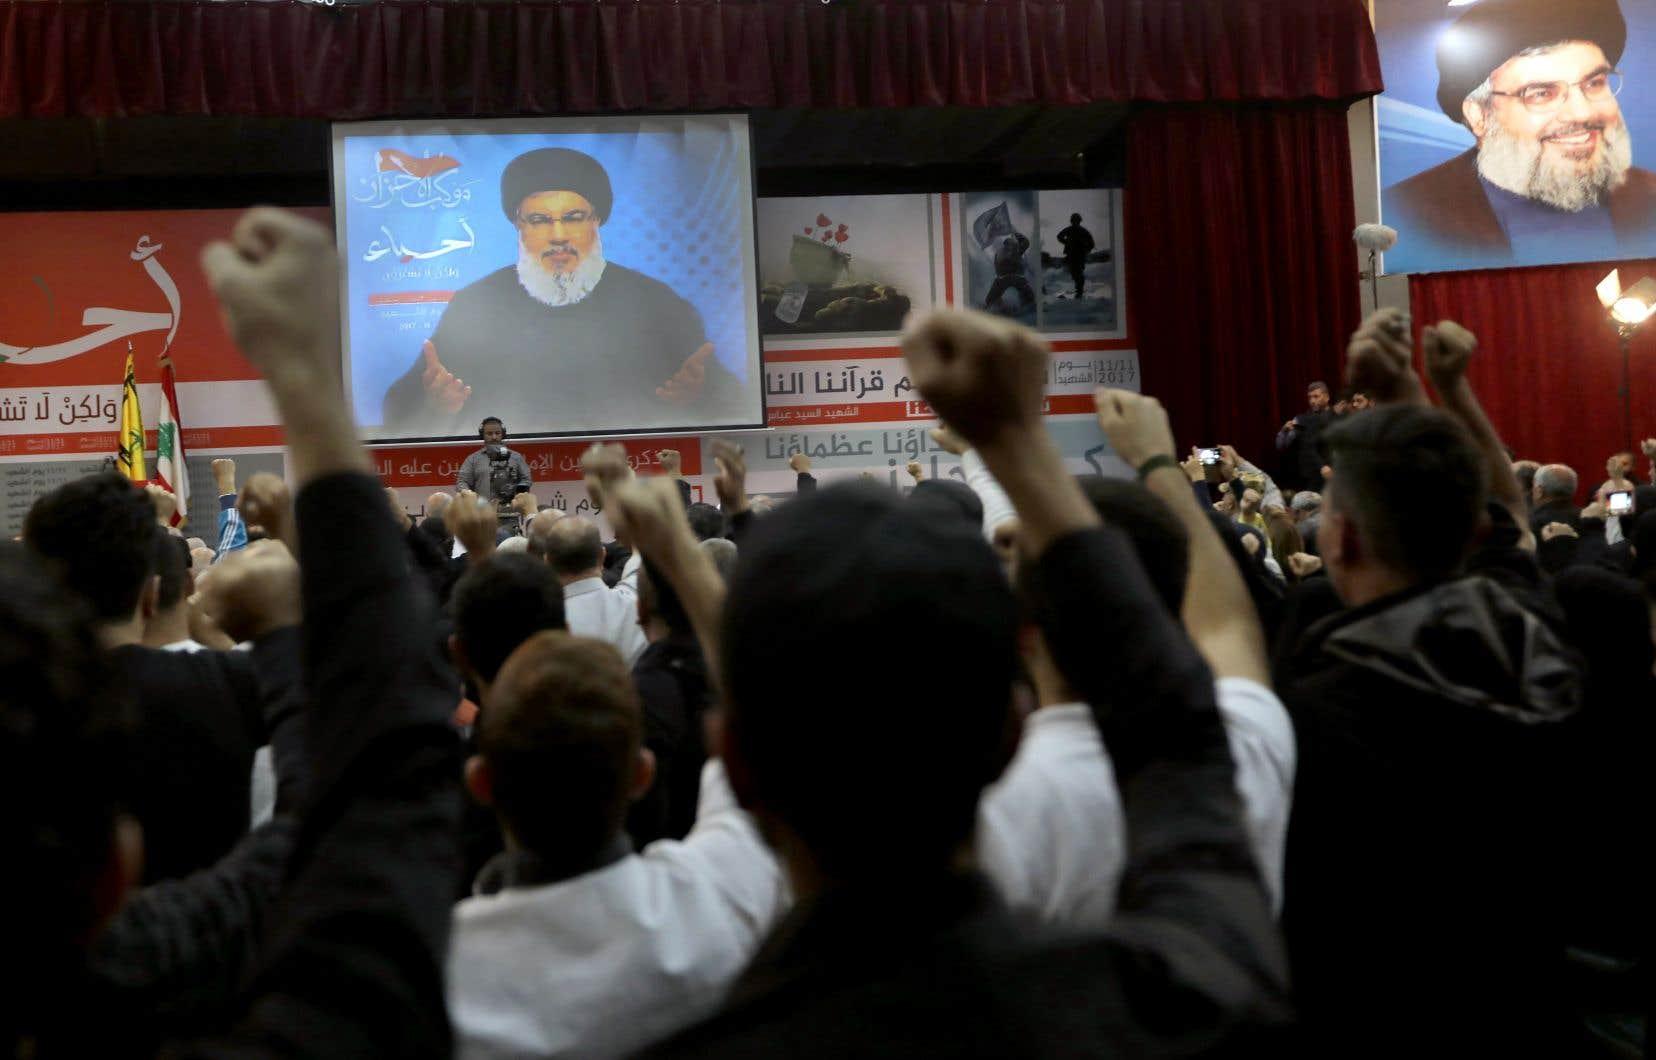 Une foule était réunie à Beyrouth pour écouter la diffusion de l'allocution du chef du Hezbollah, Hassan Nasrallah.